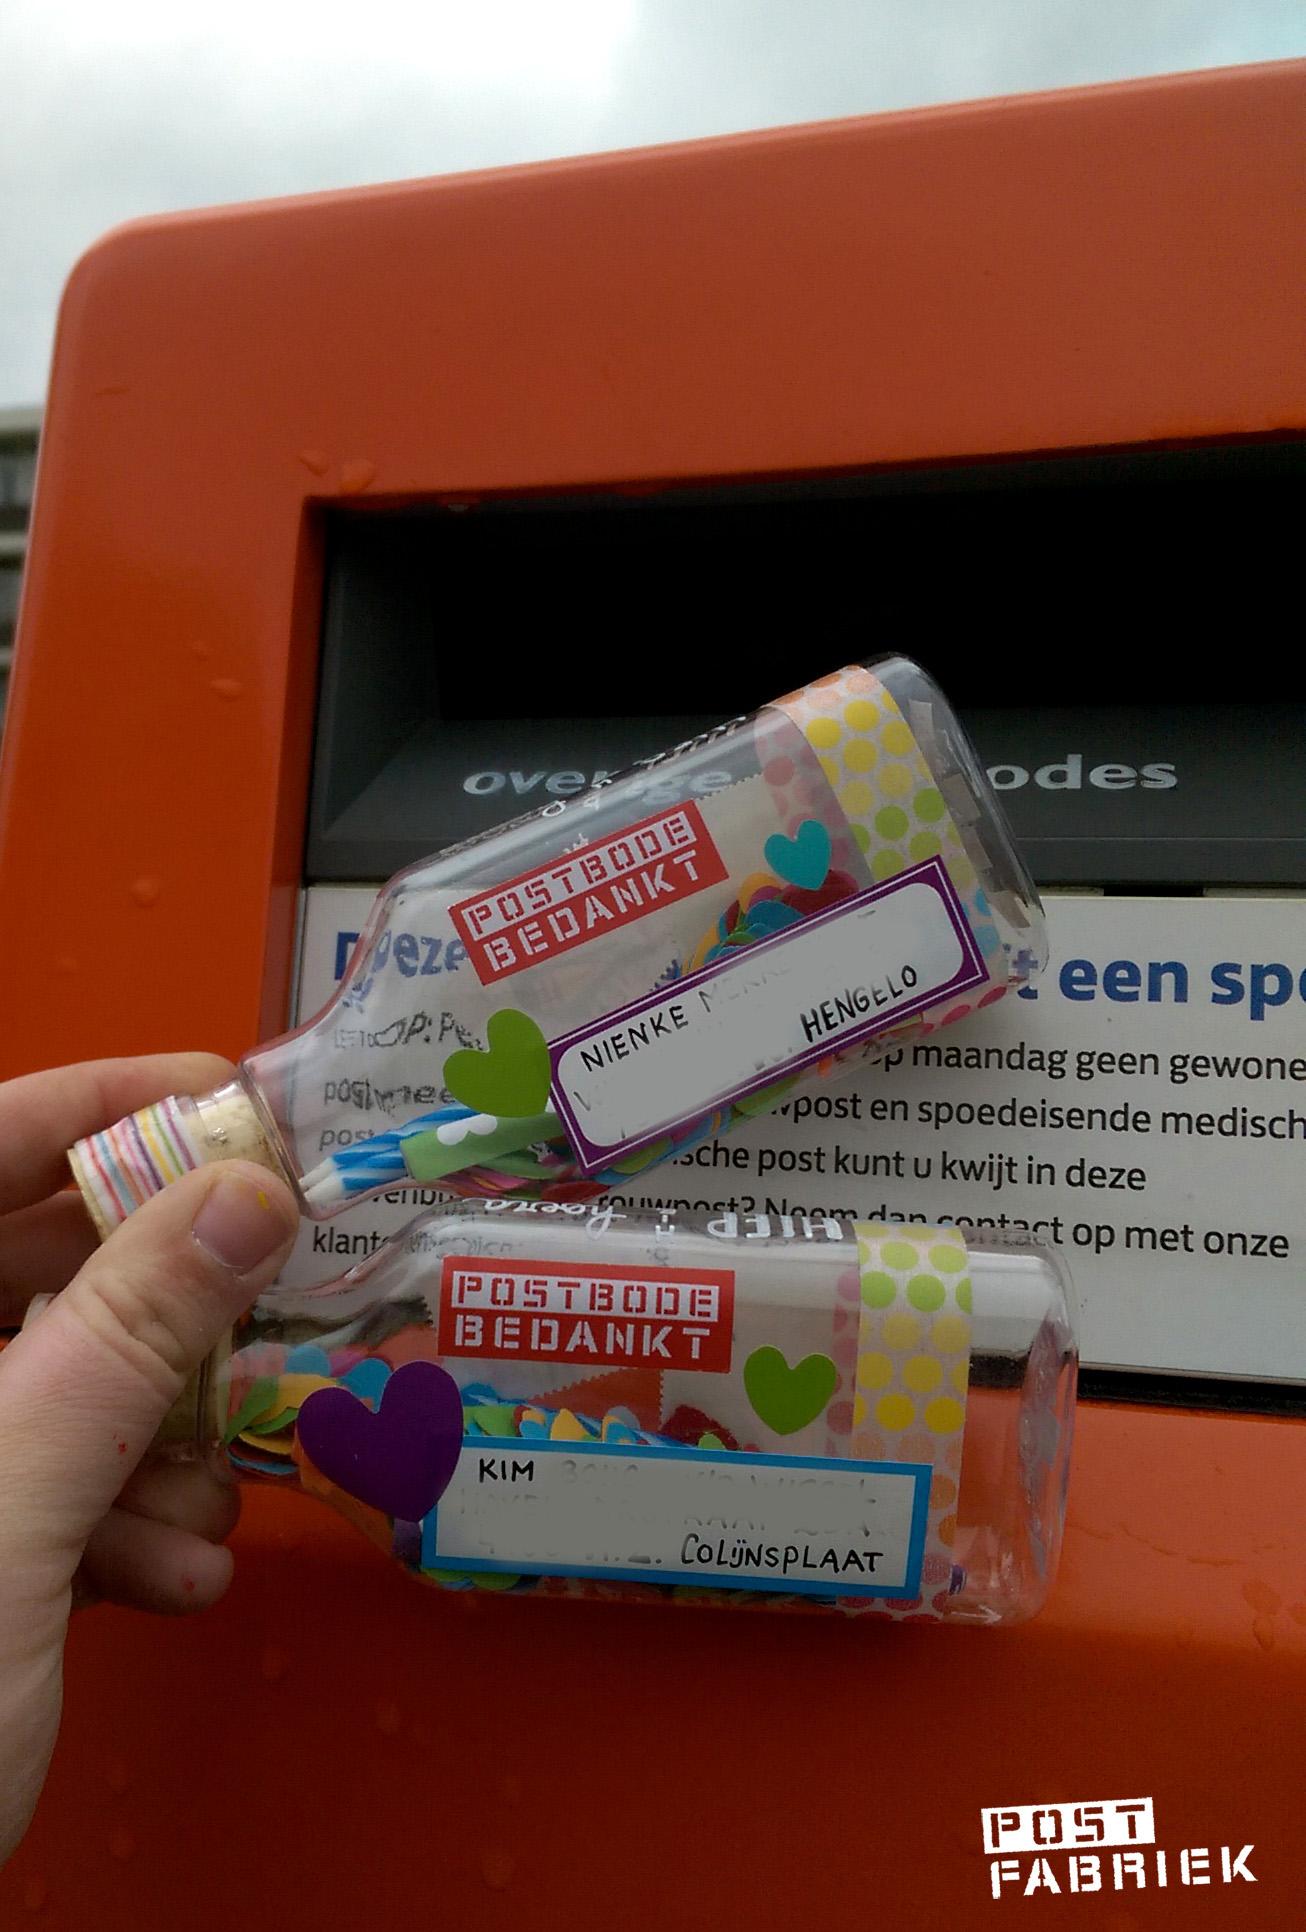 Bedankt postbode, voor het bezorgen van deze onhandige maar leuke flesjes!